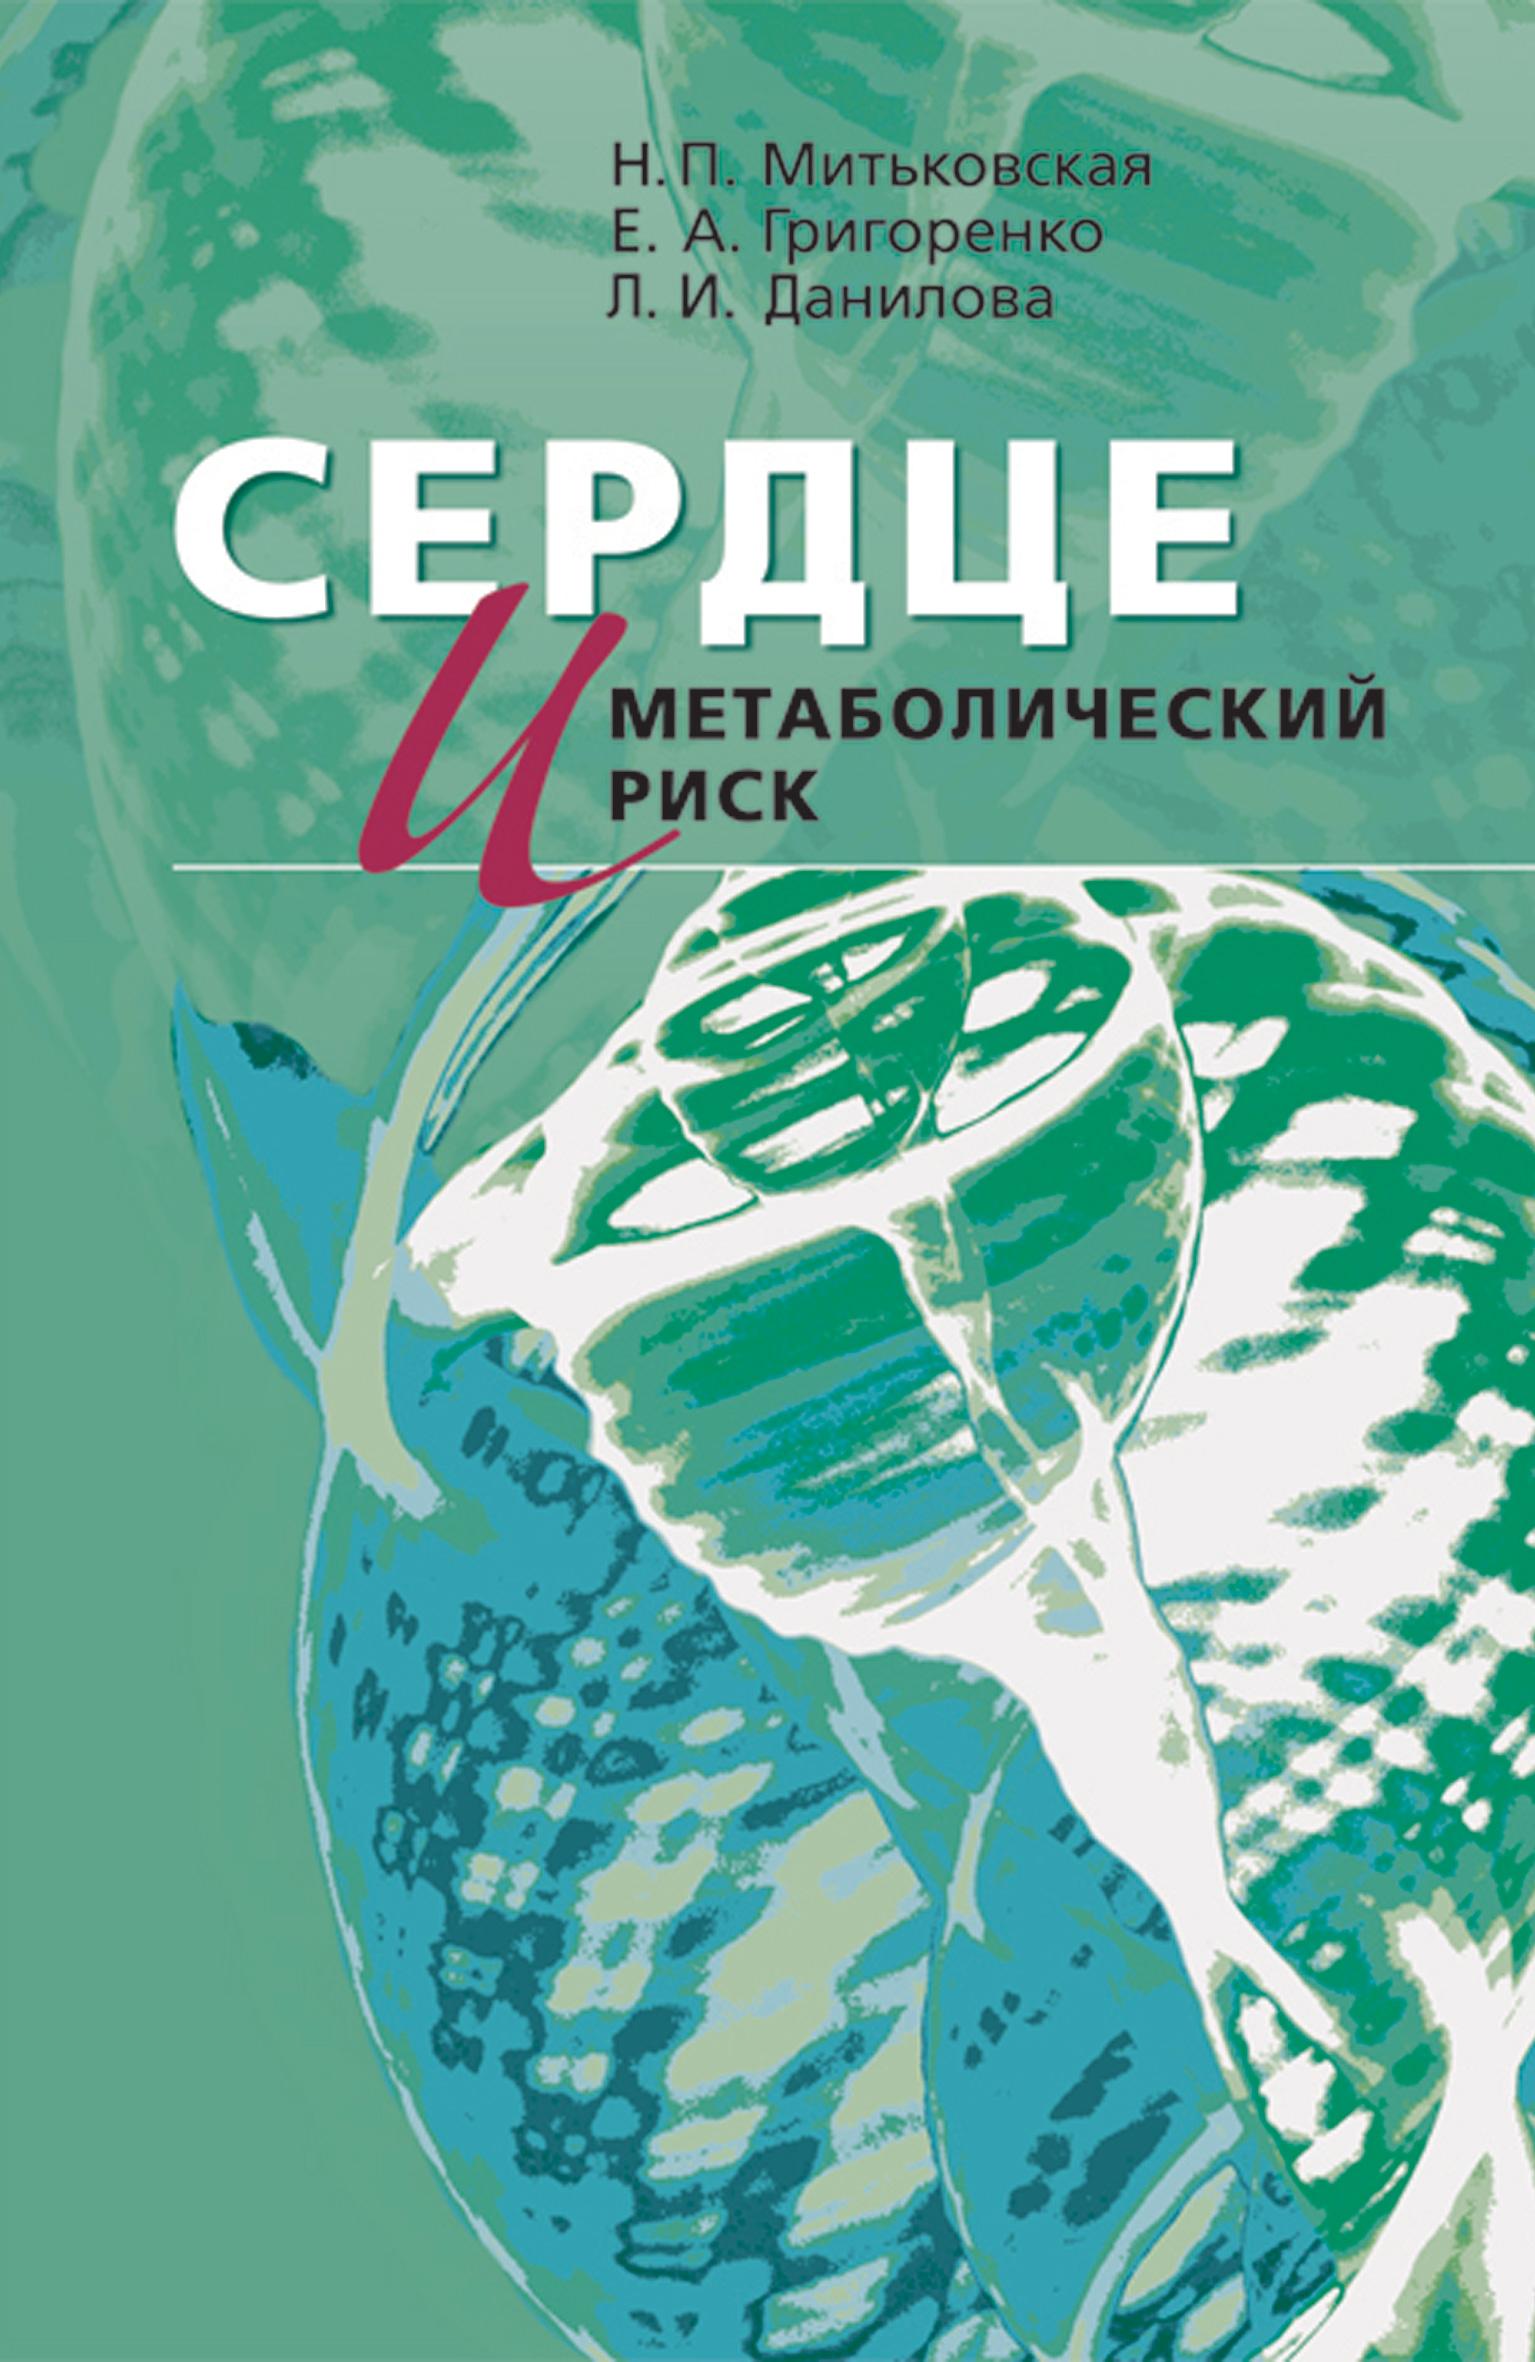 Н. П. Митьковская Сердце и метаболический риск